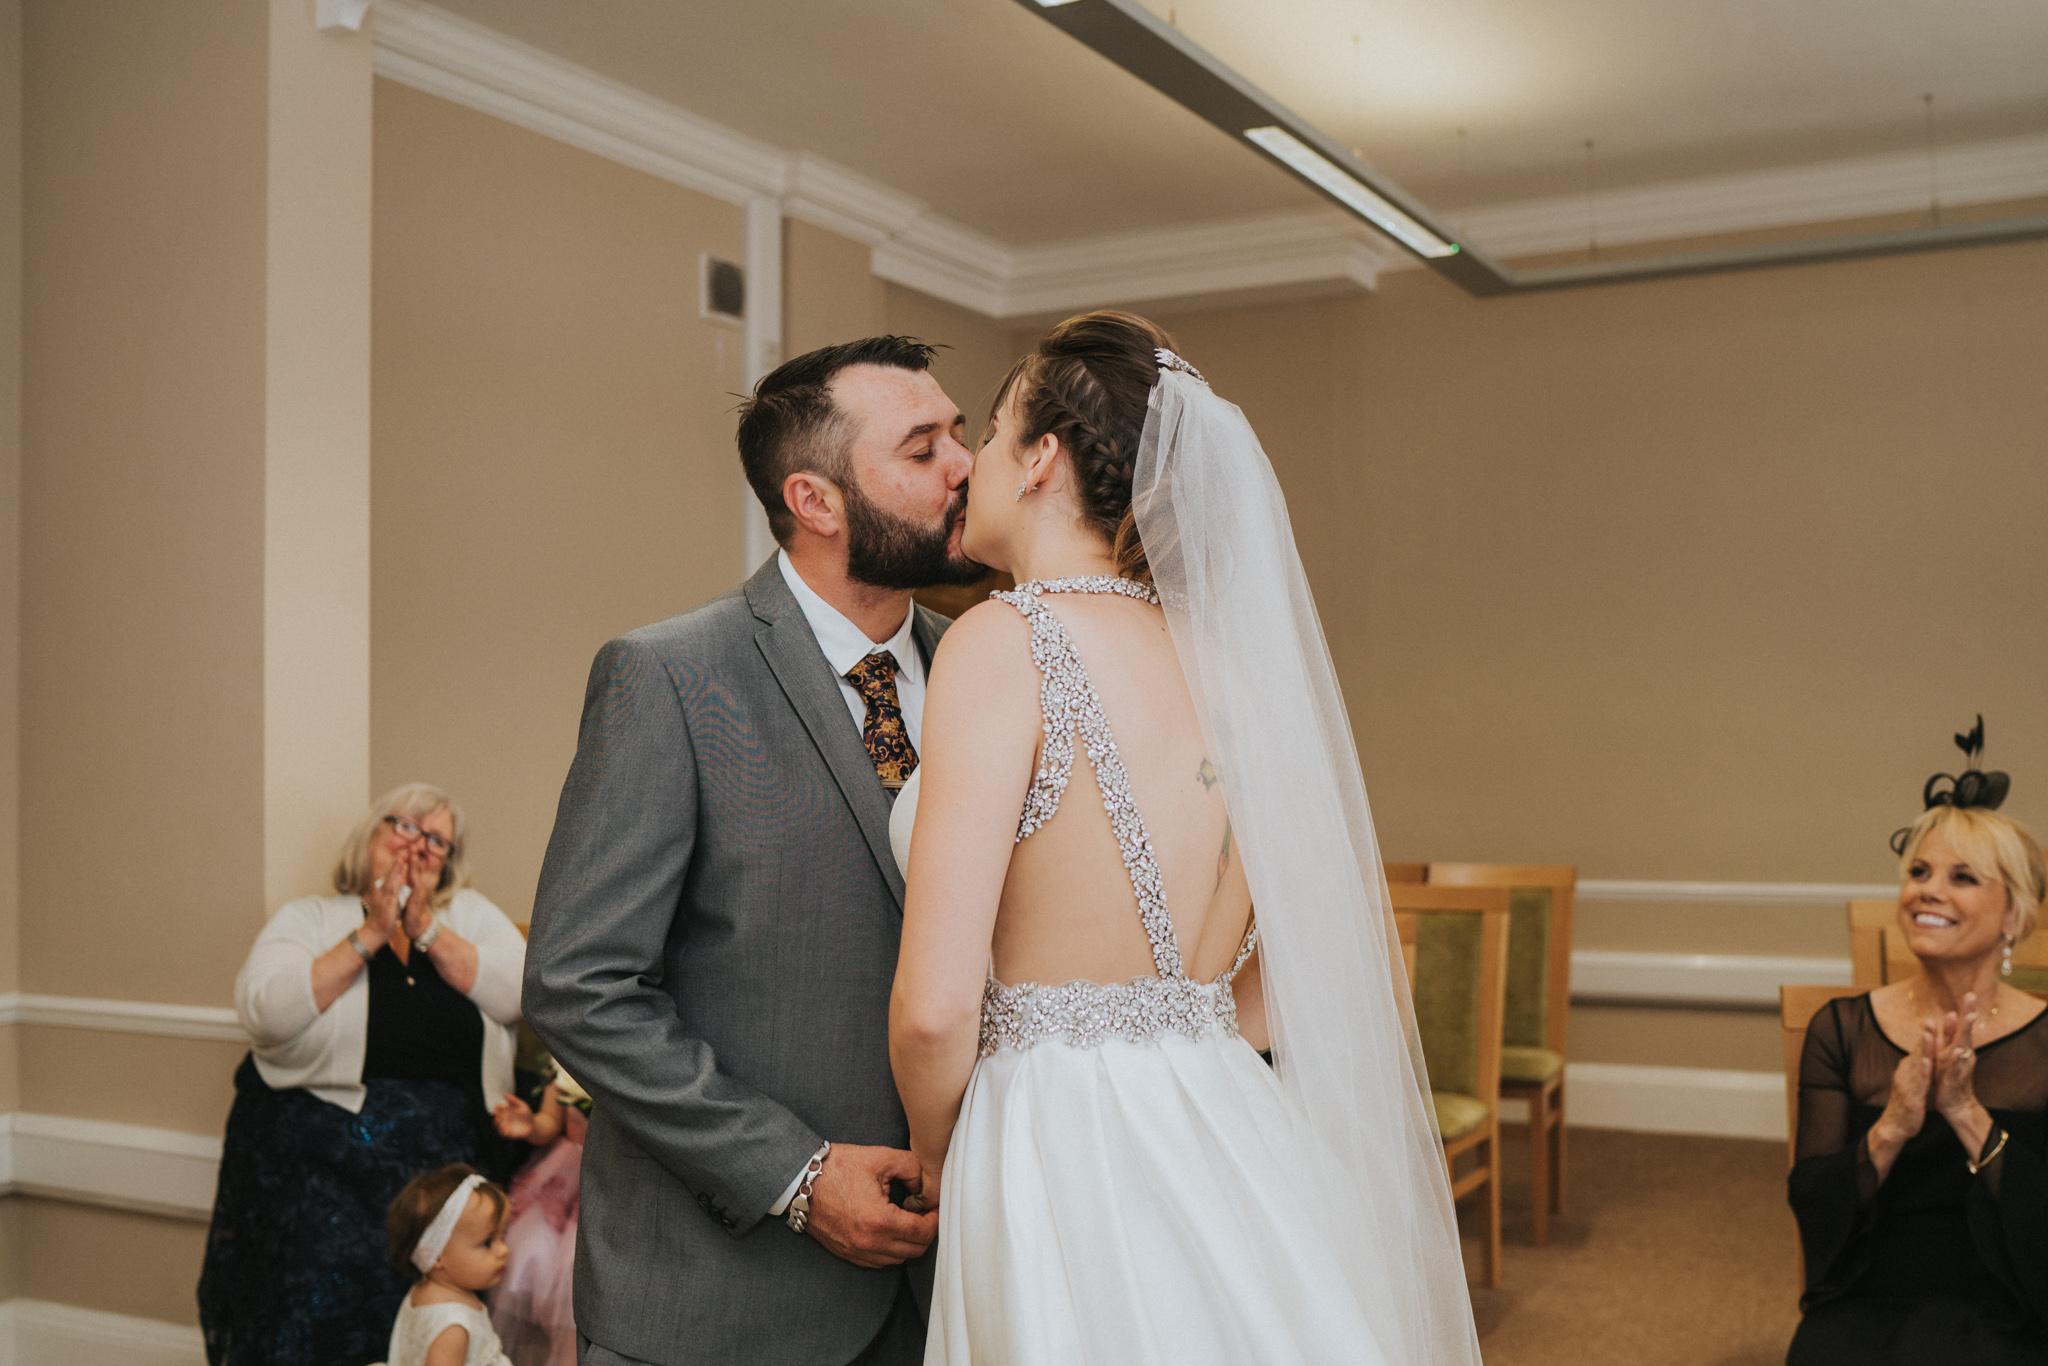 tess-adam-colchester-intimate-elopement-grace-elizabeth-colchester-essex-alternative-wedding-lifestyle-photographer-essex-suffolk-norfolk-devon (11 of 20).jpg